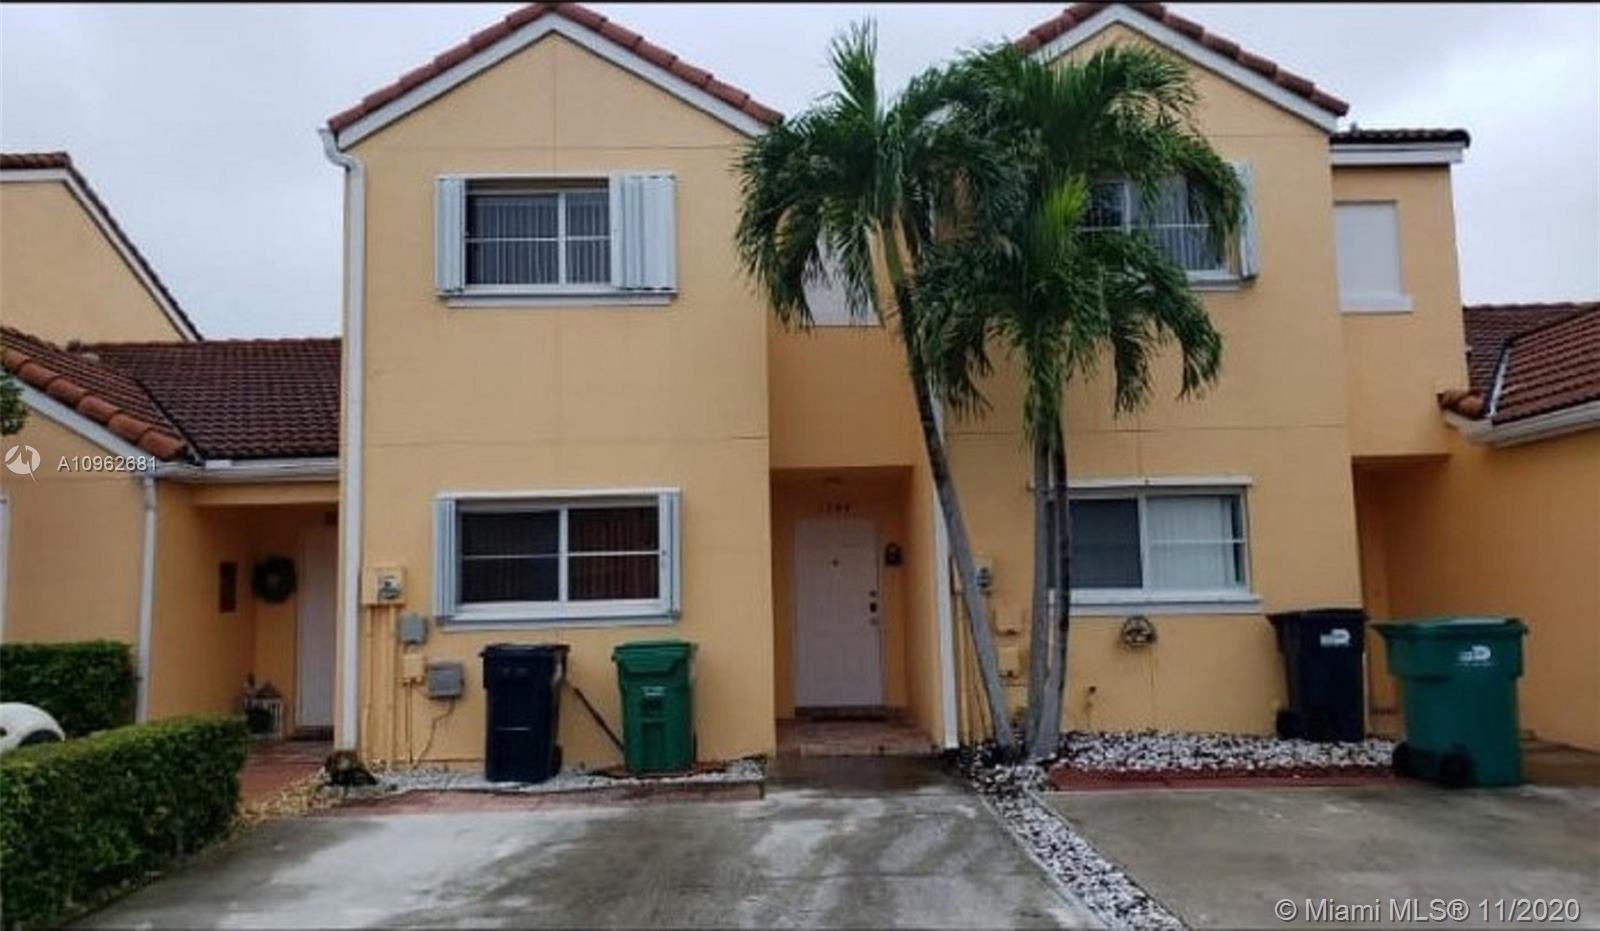 1144 NW 126th Ave #., Miami, FL 33182 - #: A10962681